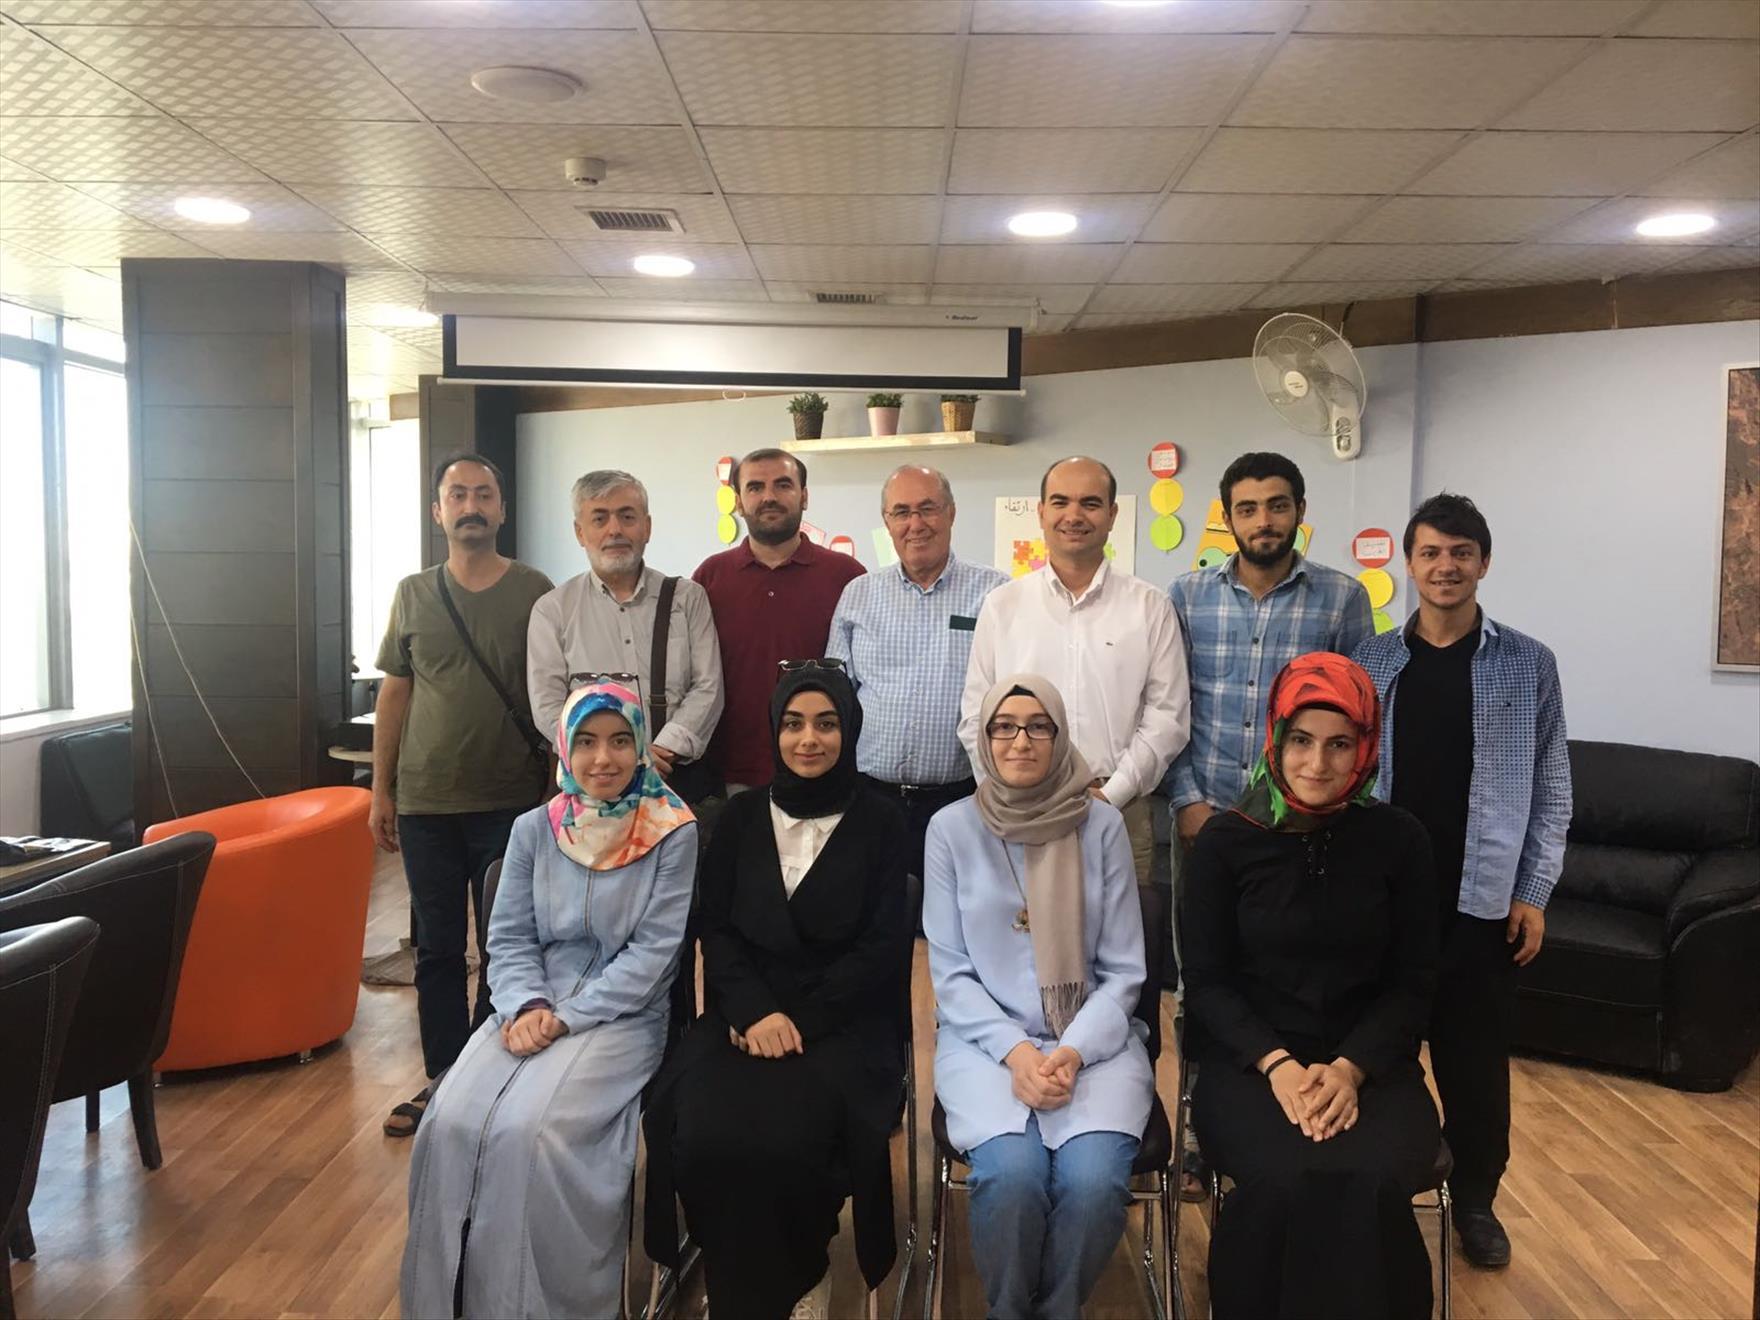 Pamukkale Üniversitesi ile Jerash Üniversitesi Arasında Mevlana Değişim Programı Protokolü İmzalandı 3. resim